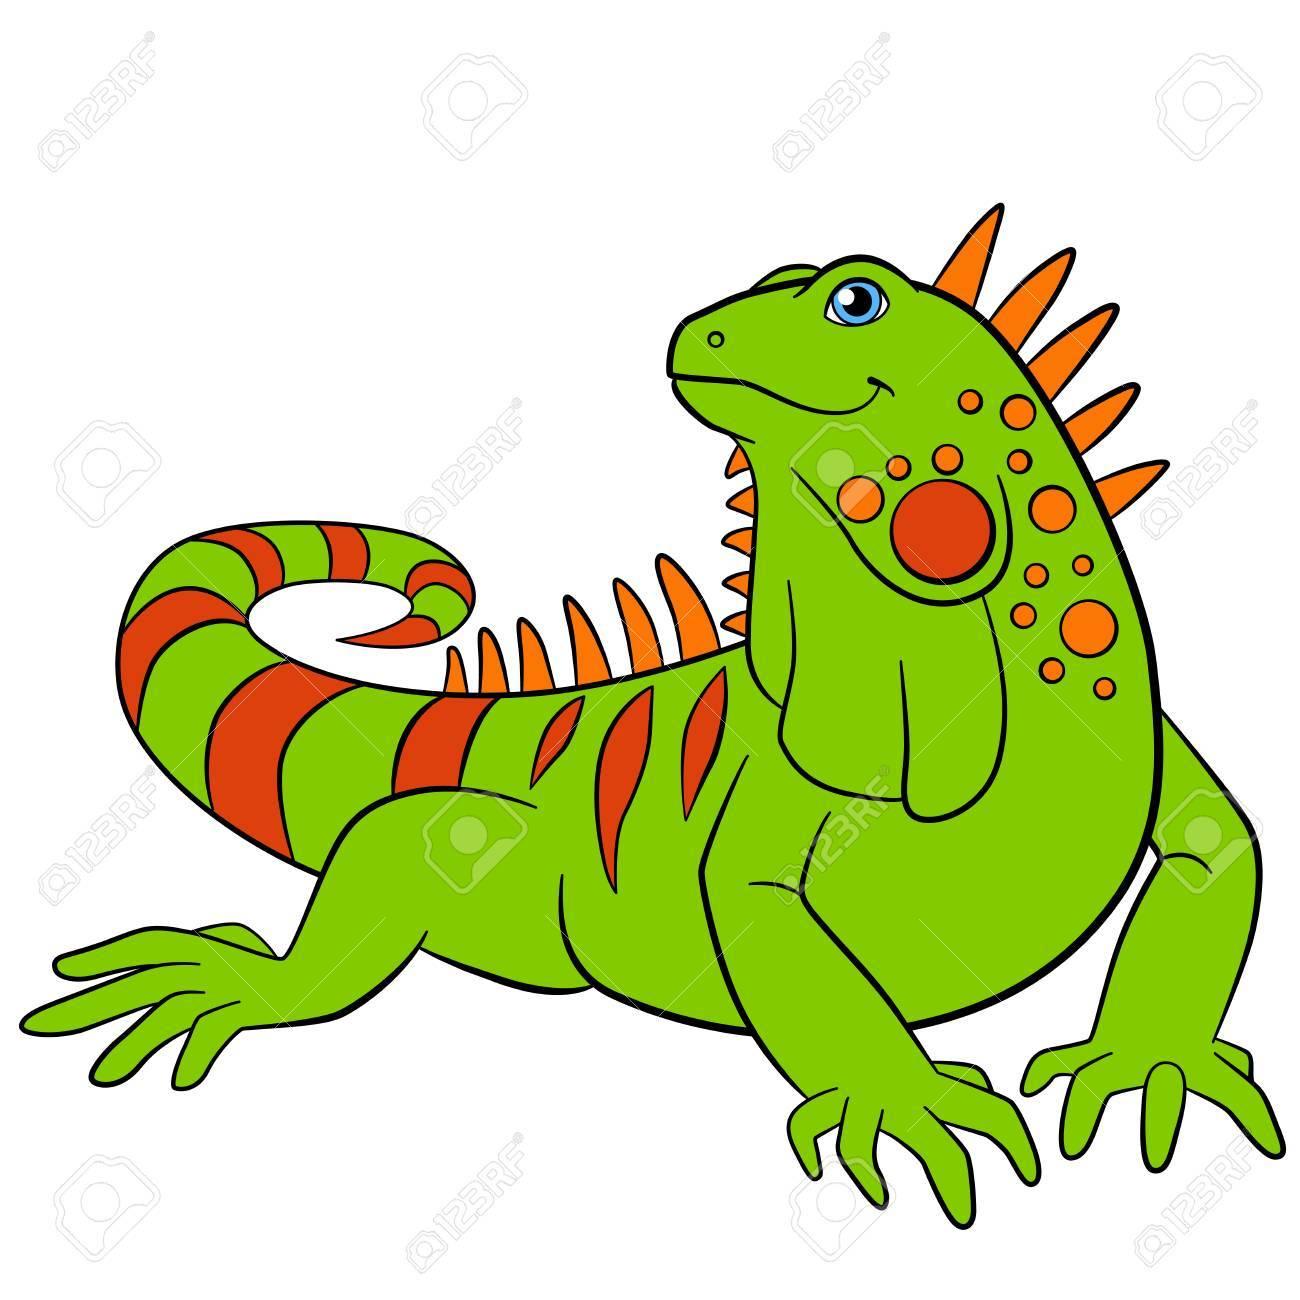 Animales De Dibujos Animados Iguana Verde Lindo Se Sienta Y Sonríe